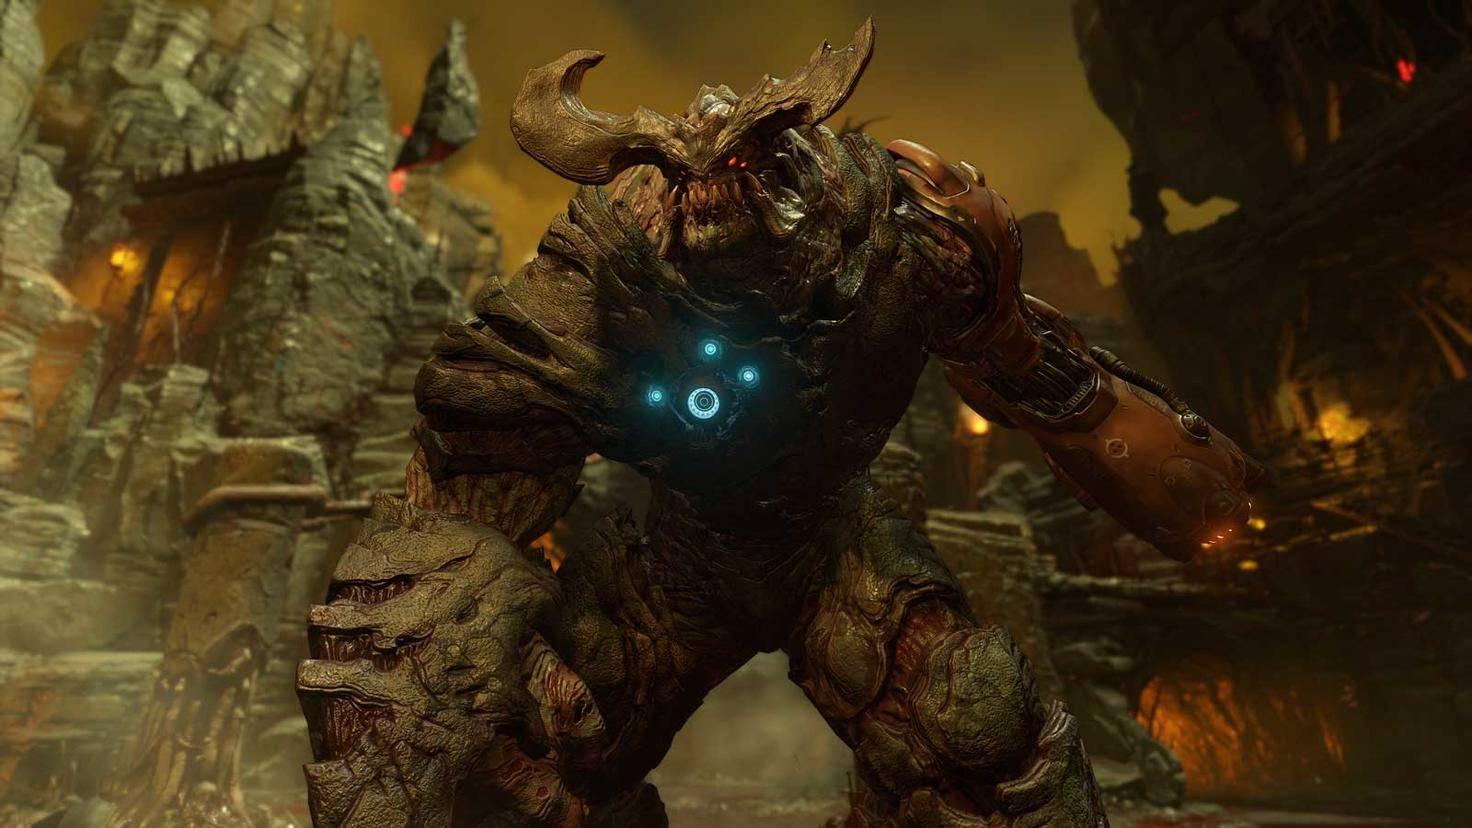 """Dämonen zu pulverisieren machte selten so viel Spaß wie in """"Doom""""."""